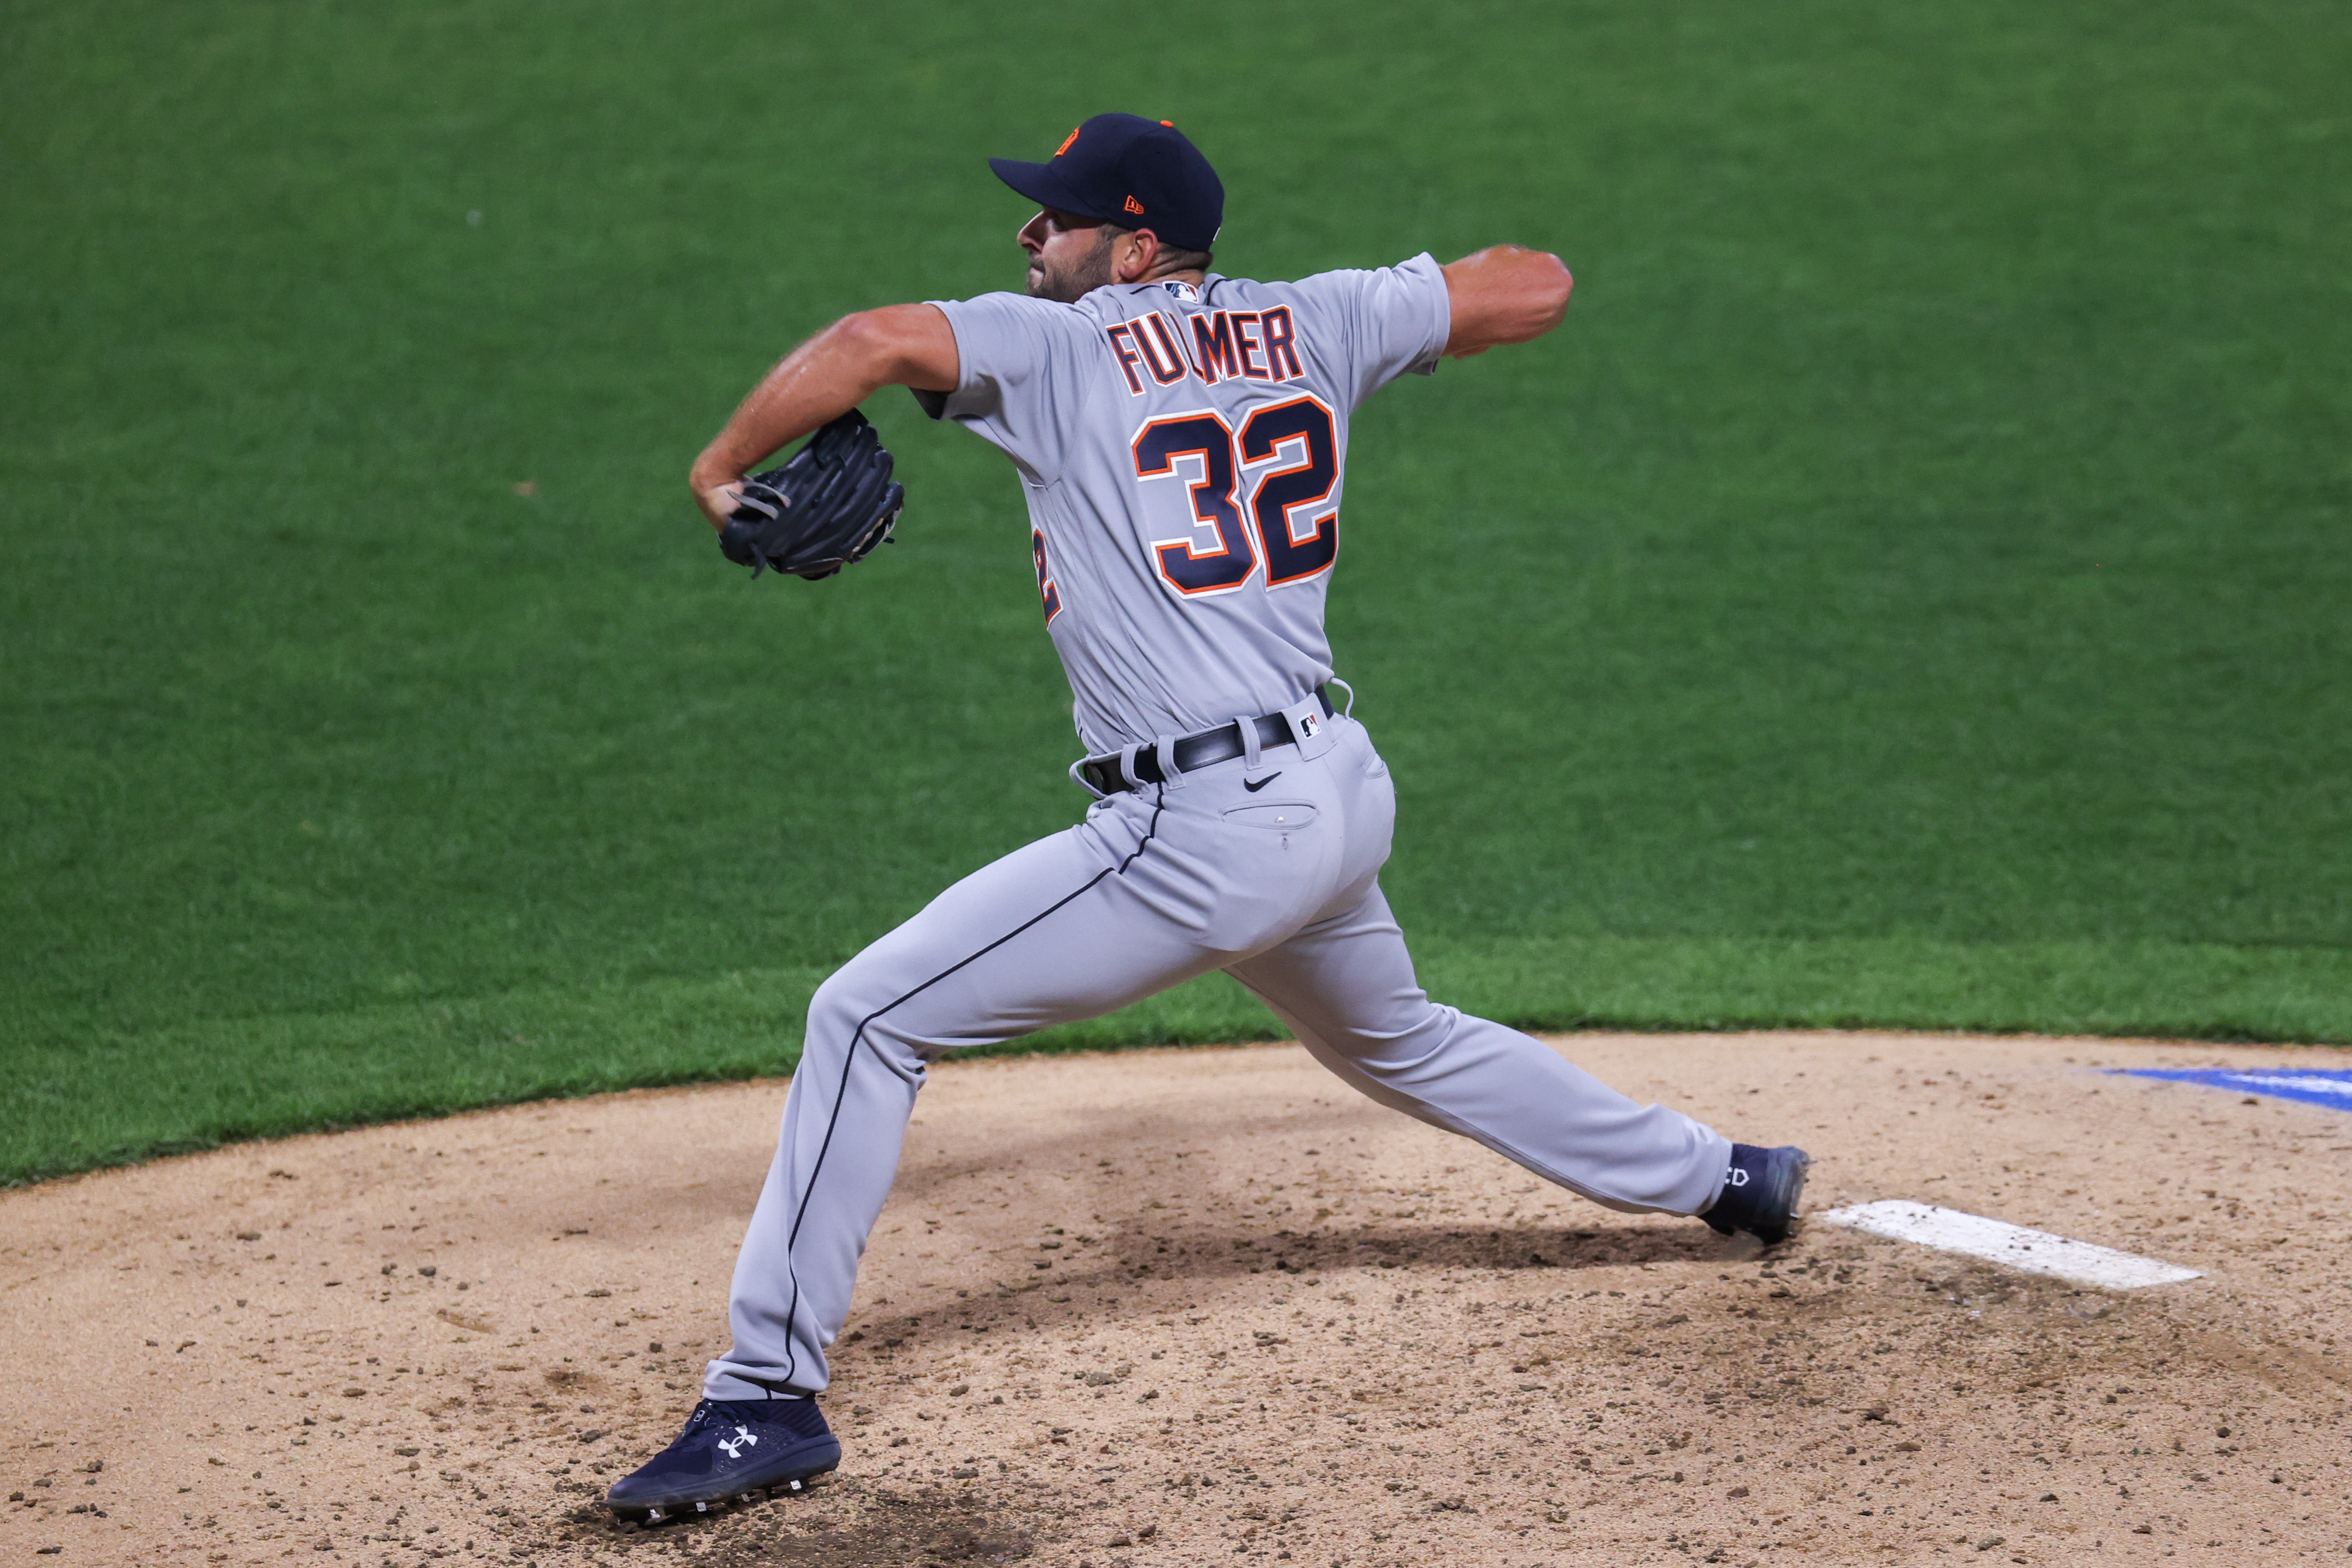 MLB: APR 09 Tigers at Indians